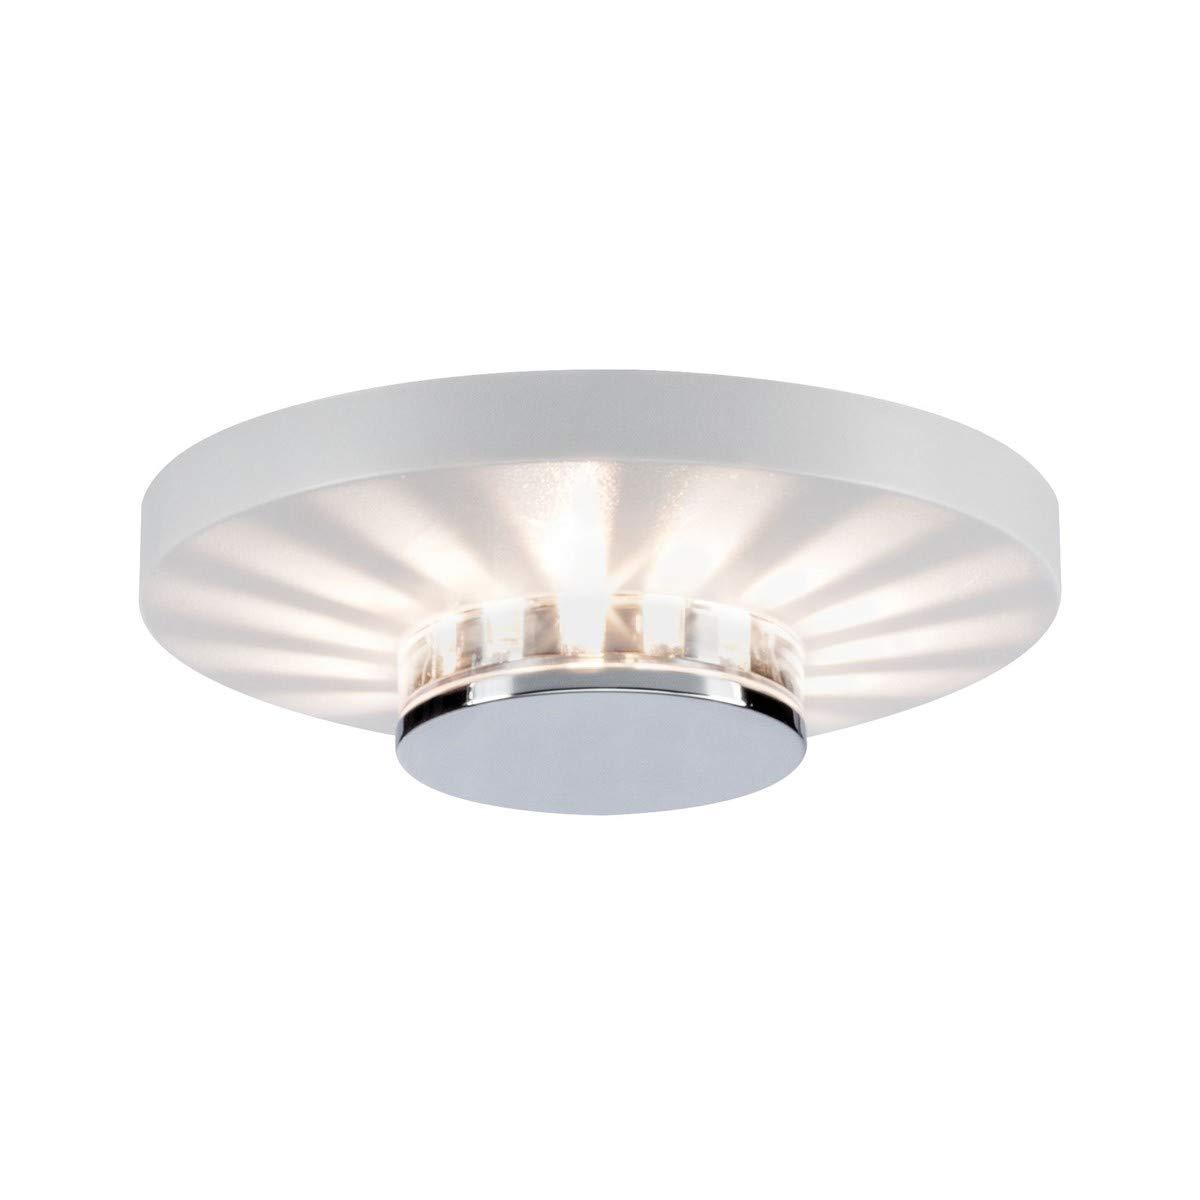 Paulmann Star EBL Set Frill LED 6x ca. 1W 2700K 230 12V Weiß matt Chrome Kunststoff